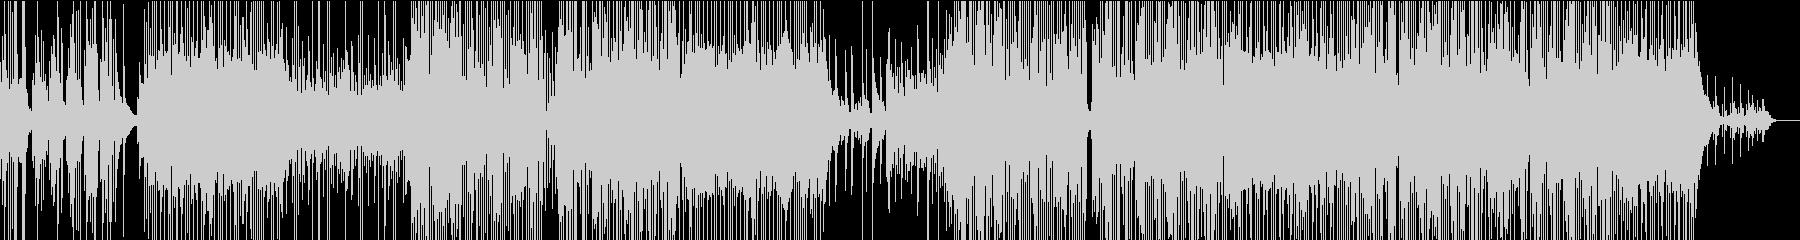 ピアノがメインのバラードポップスの未再生の波形